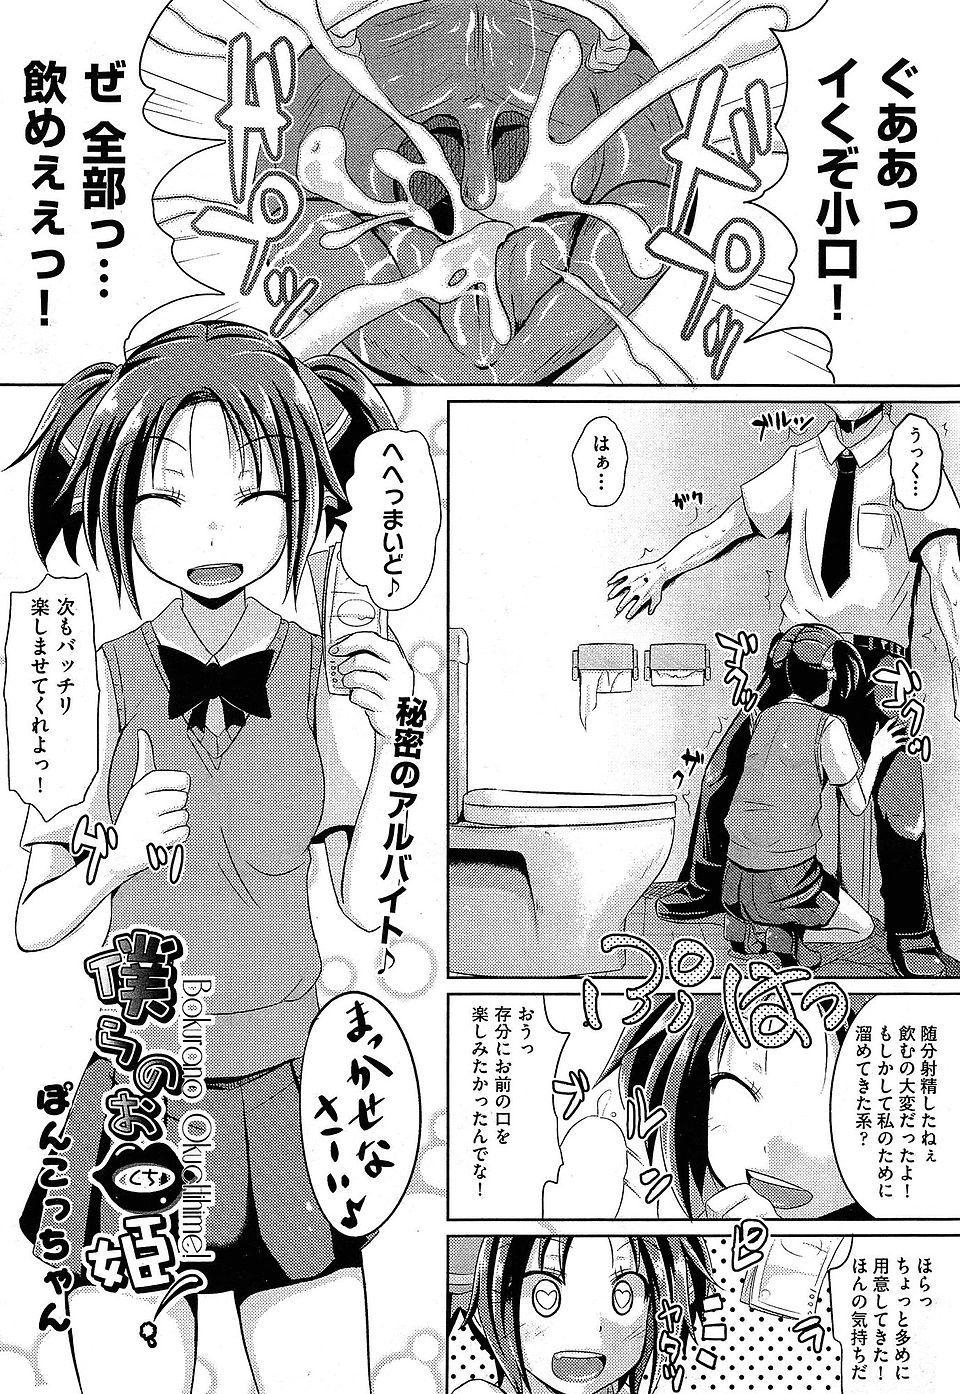 ポンスケ女児和姦漫画